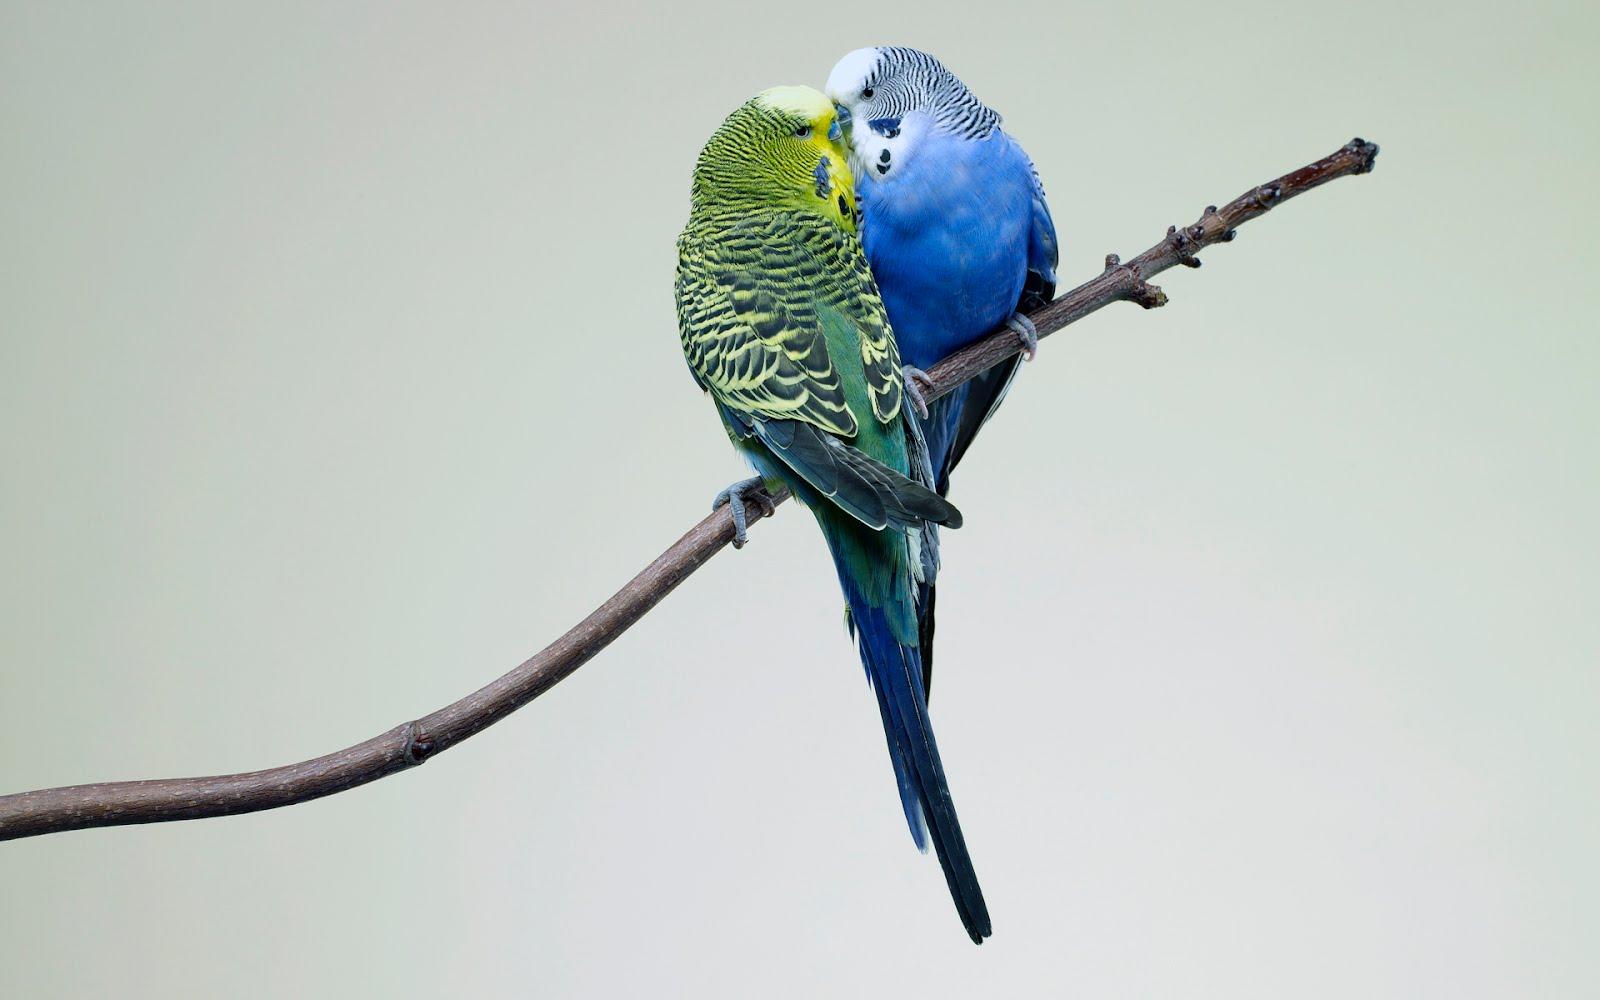 Blue Love Birds Hd 1600x1000 Download Hd Wallpaper Wallpapertip